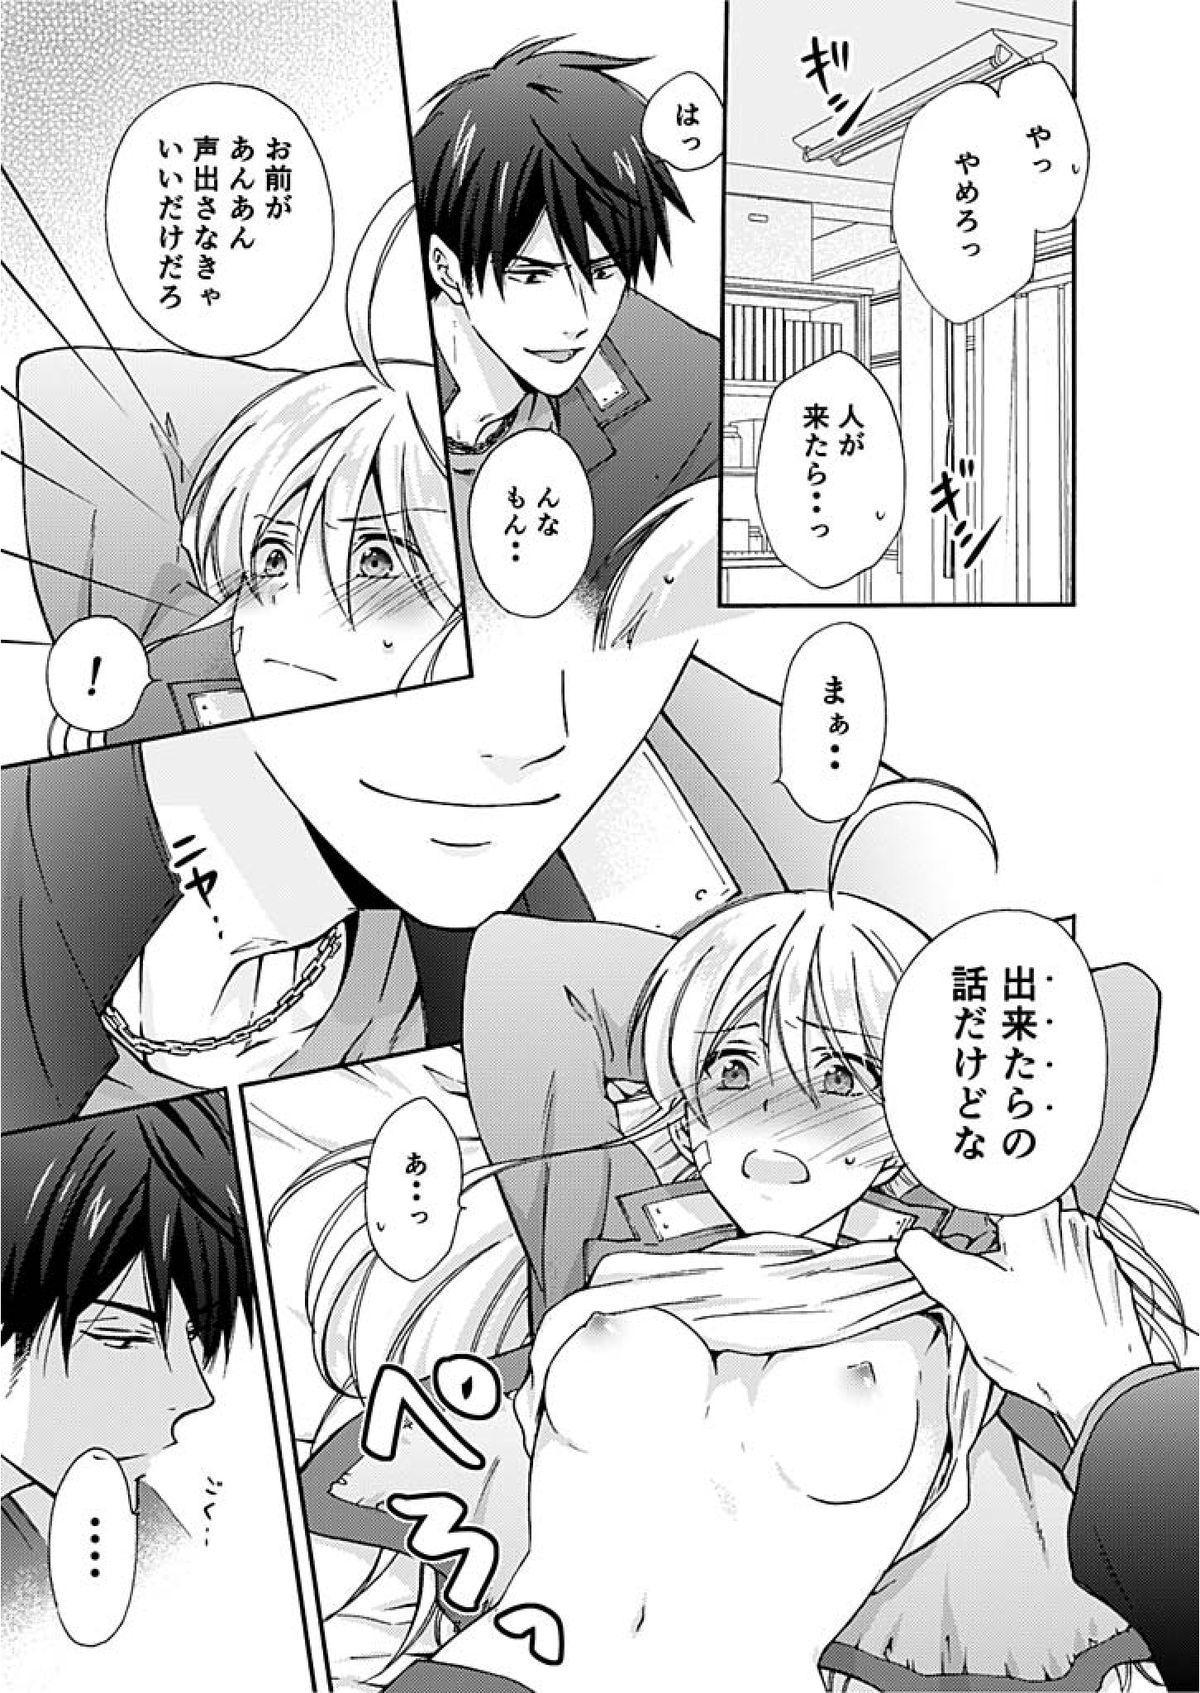 Nyotaika Yankee Gakuen ☆ Ore no Hajimete, Nerawaretemasu. 2 17